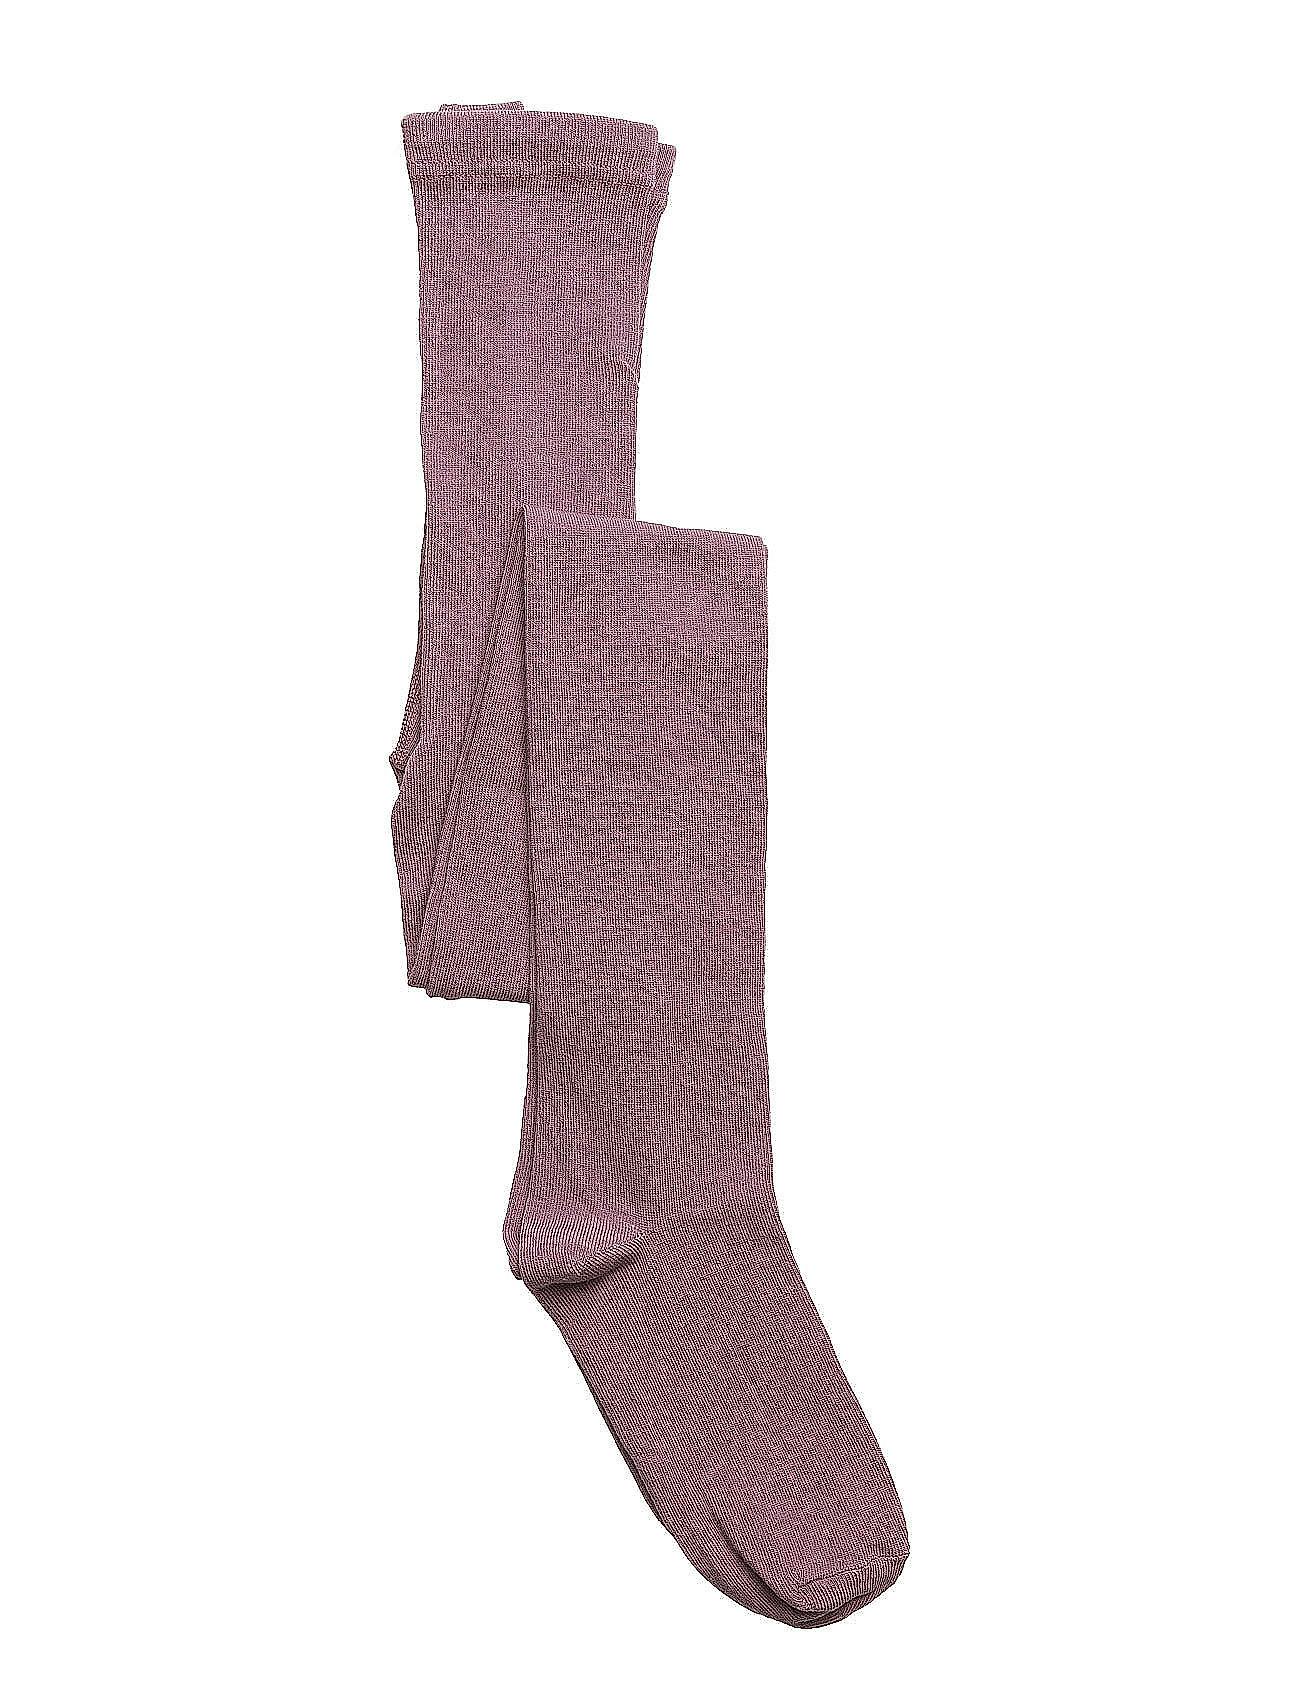 Tight, Plain Colour Melton Strømper & Strømpebukser til Børn i